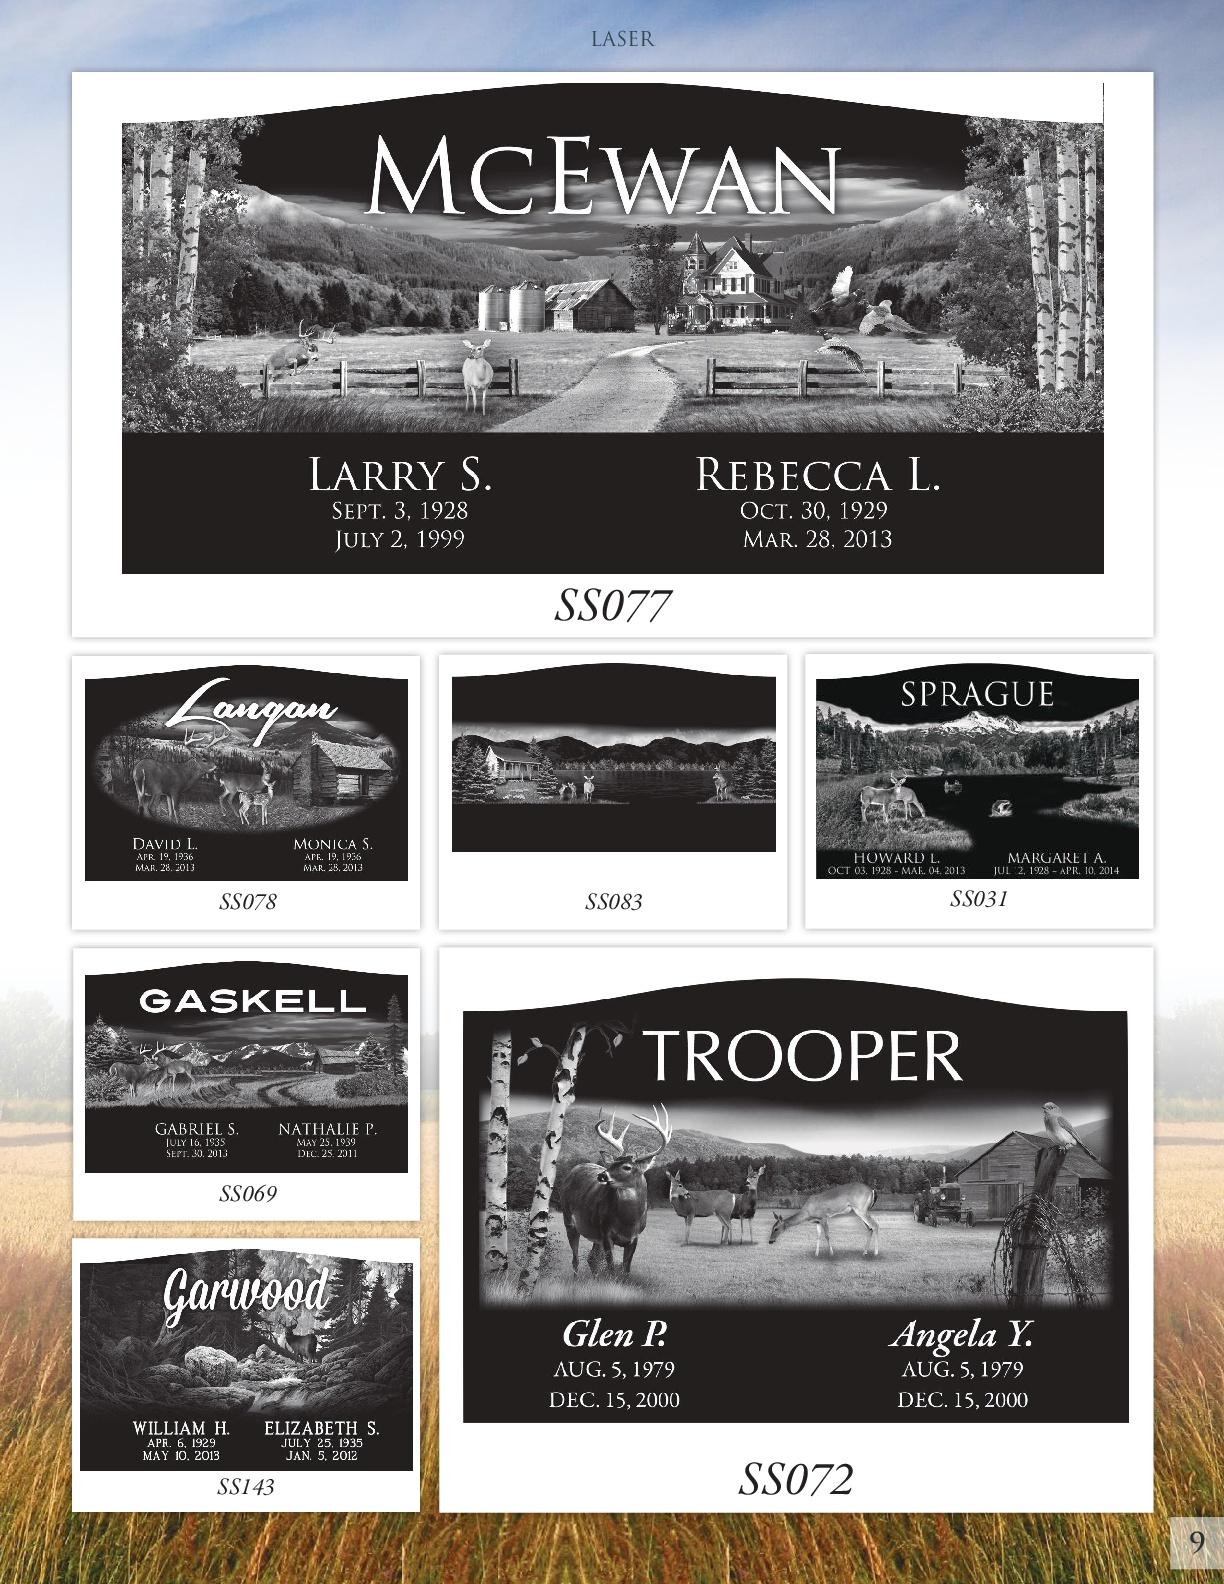 laser-etching-catalog-ilovepdf-compressed-1-33-009.jpg